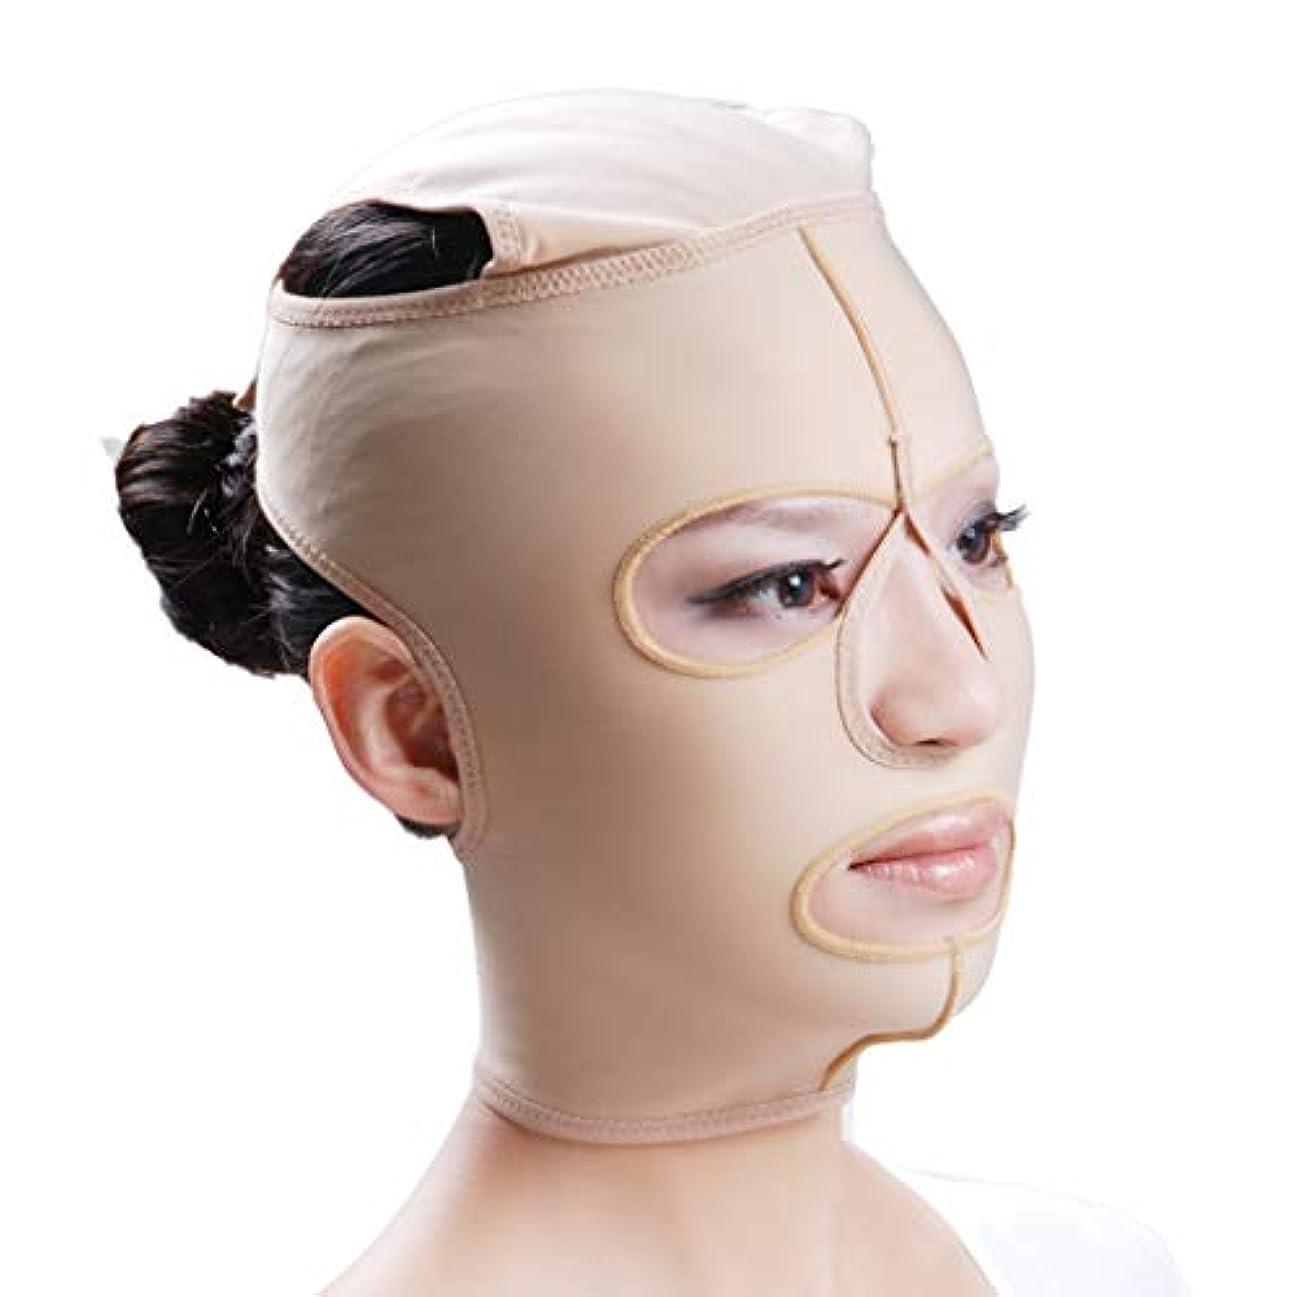 バリケード無礼に委任XHLMRMJ フェイスリフトマスク、フルフェイスマスク医療グレード圧力フェイスダブルチンプラスチック脂肪吸引術弾性包帯ヘッドギア後の顔の脂肪吸引術 (Size : M)